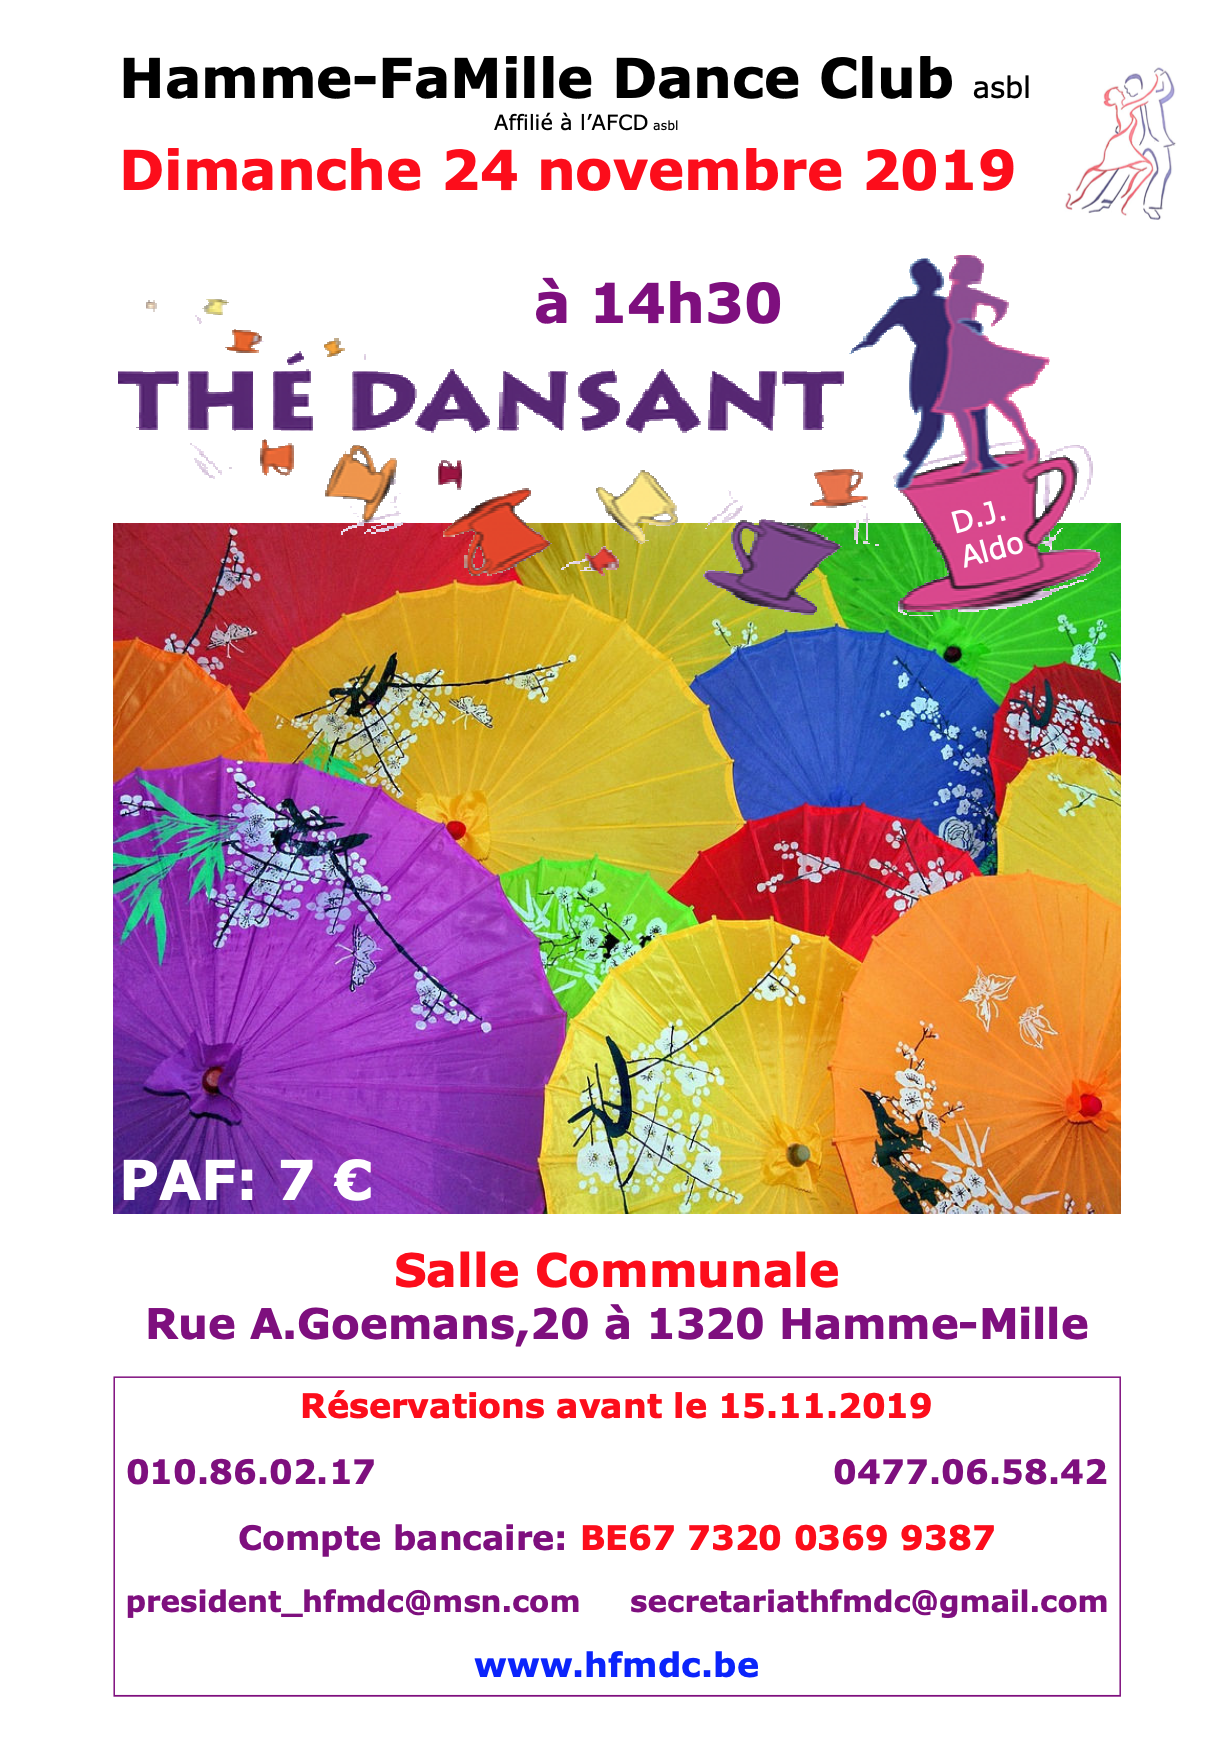 2019 11 24 Thé dansant Hamme-Famille Dance Club